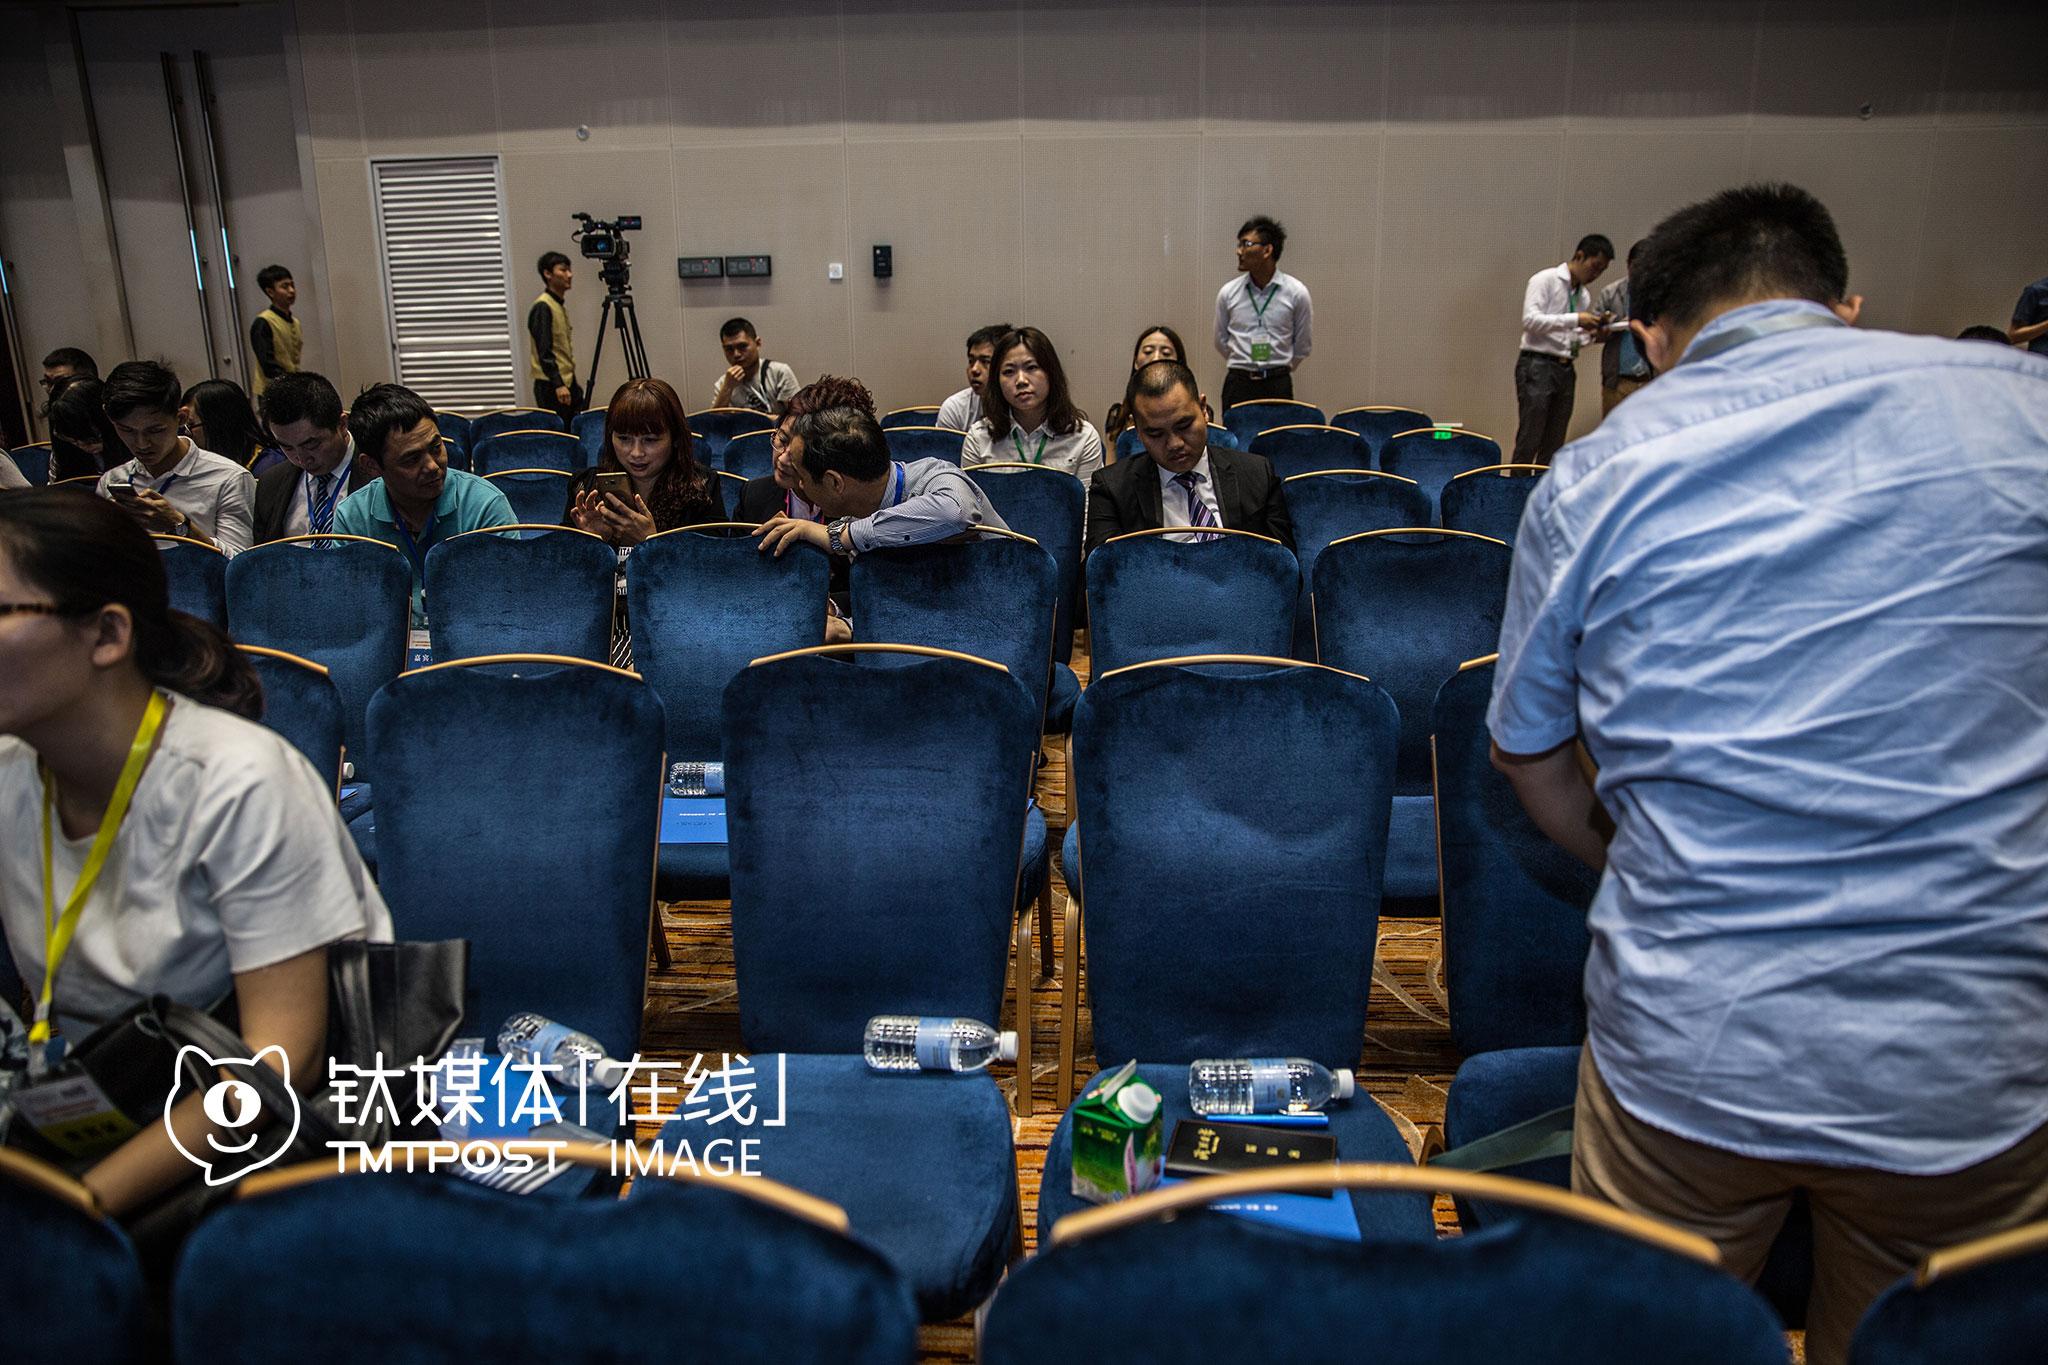 """2016年5月25日,重庆,一场云集了国内外创业公司、政府官员的""""创新大会""""开始两个小时,台下一角,观众已经稀稀拉拉。"""